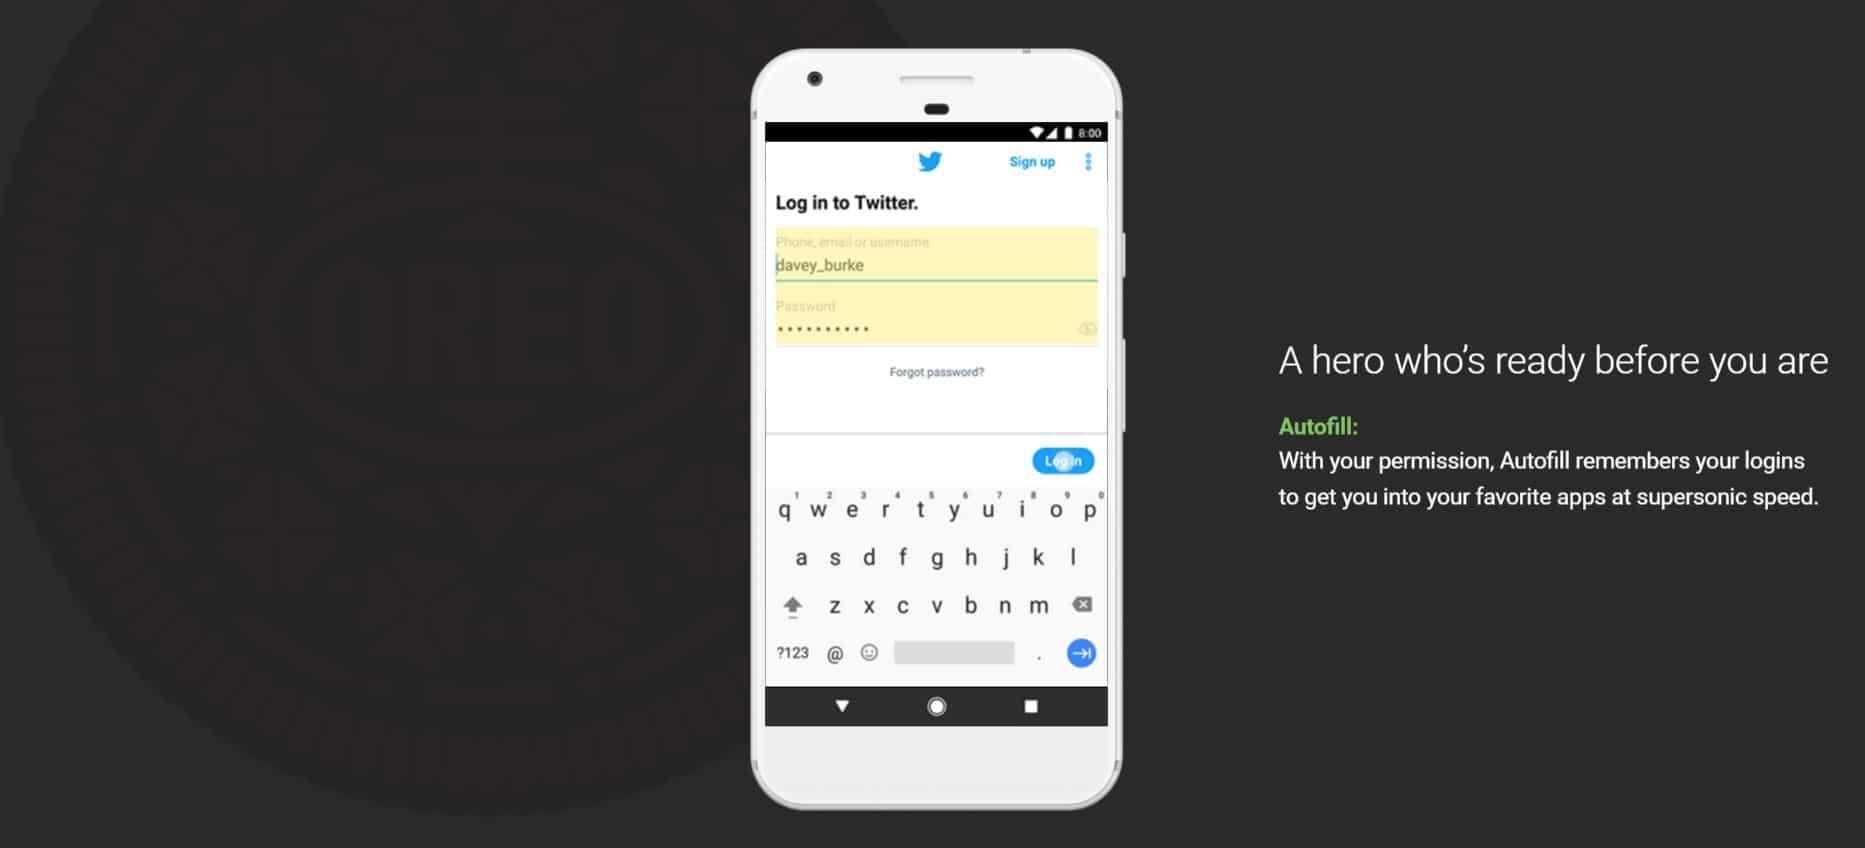 Android Oreo Auto Fill